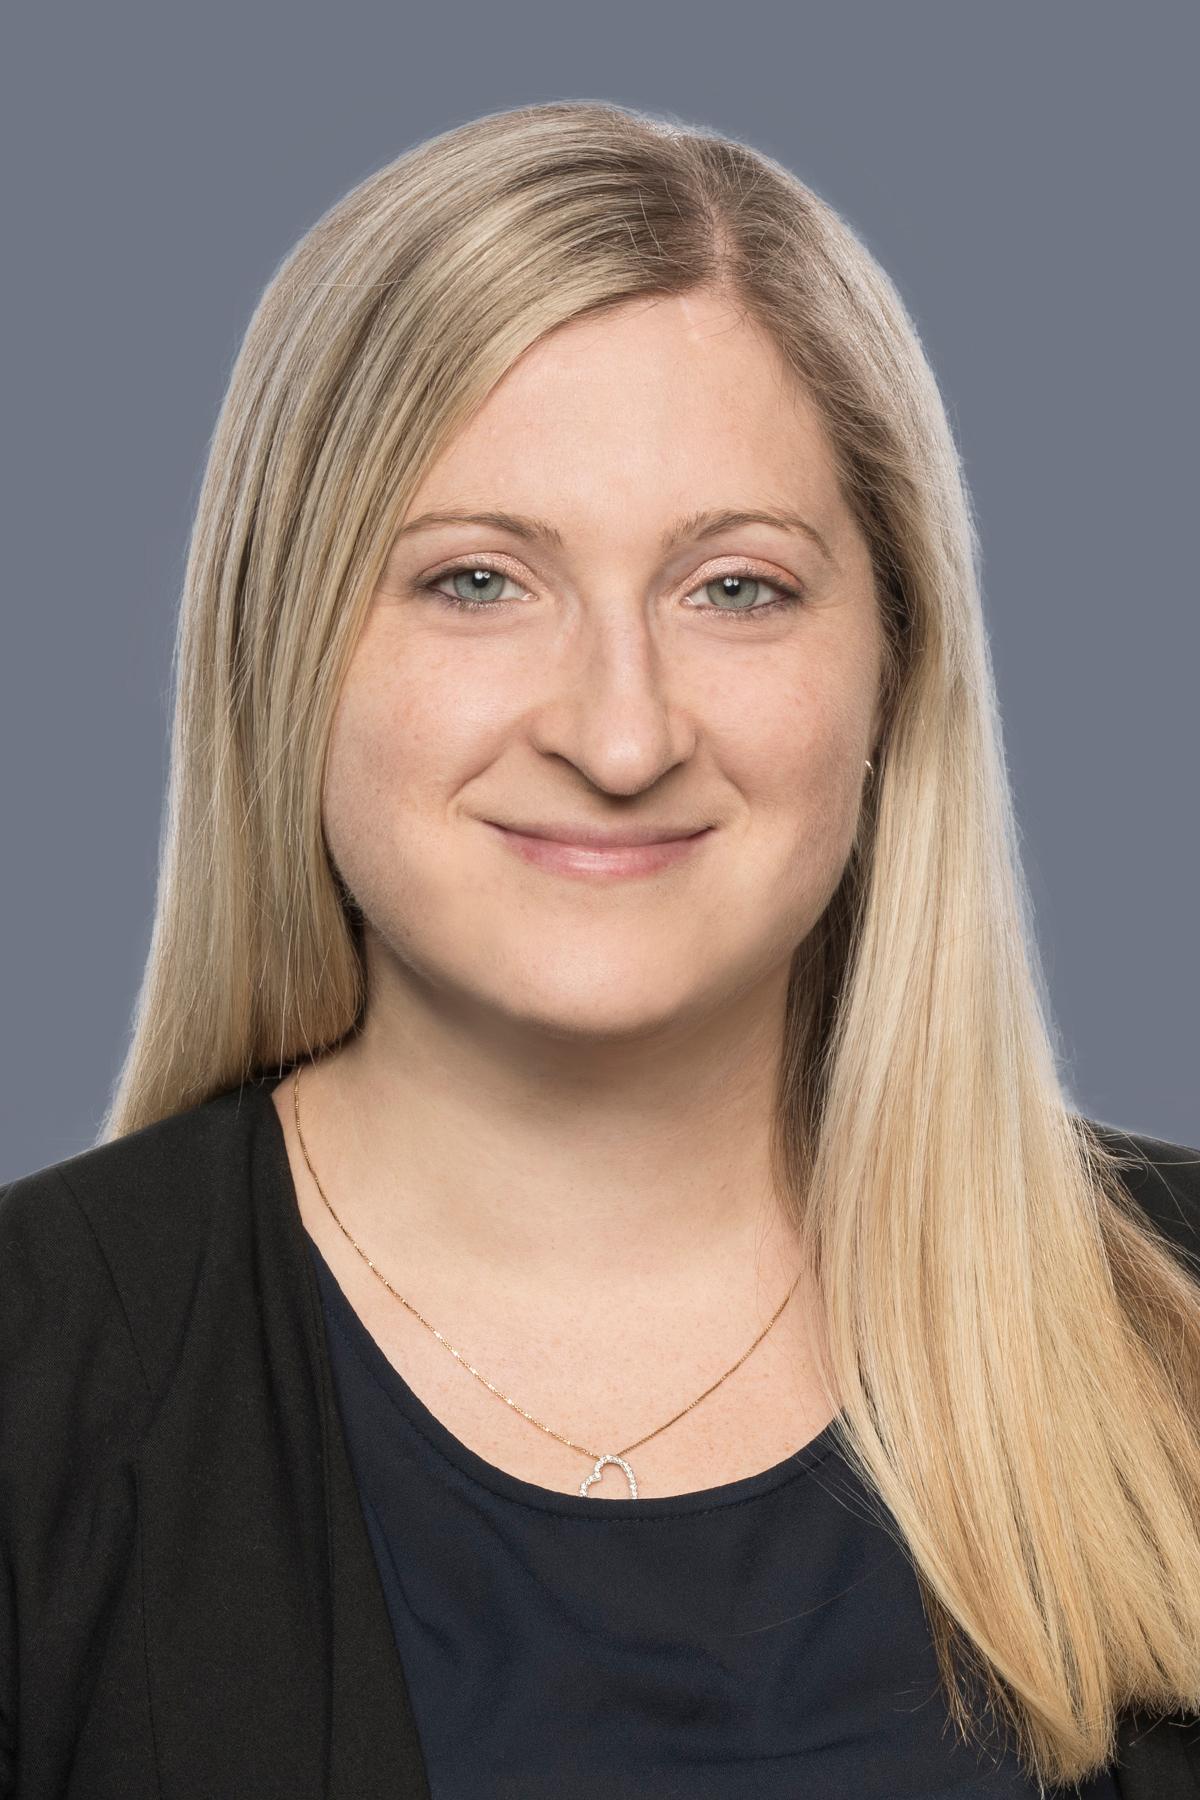 Meredith Miti